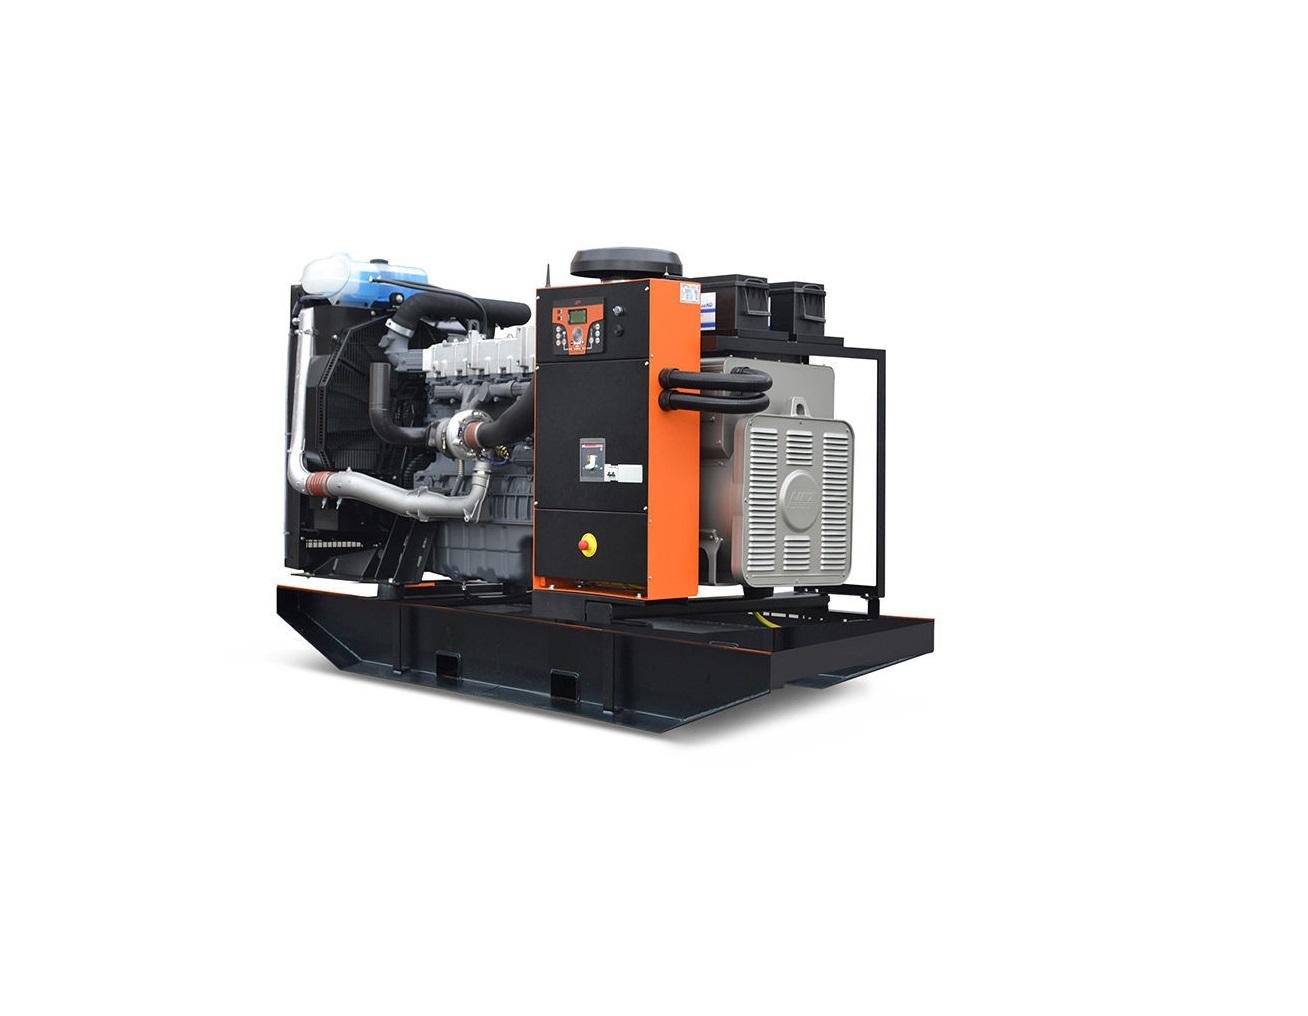 Дизельный генератор (электростанция) RID 350 S-SERIES